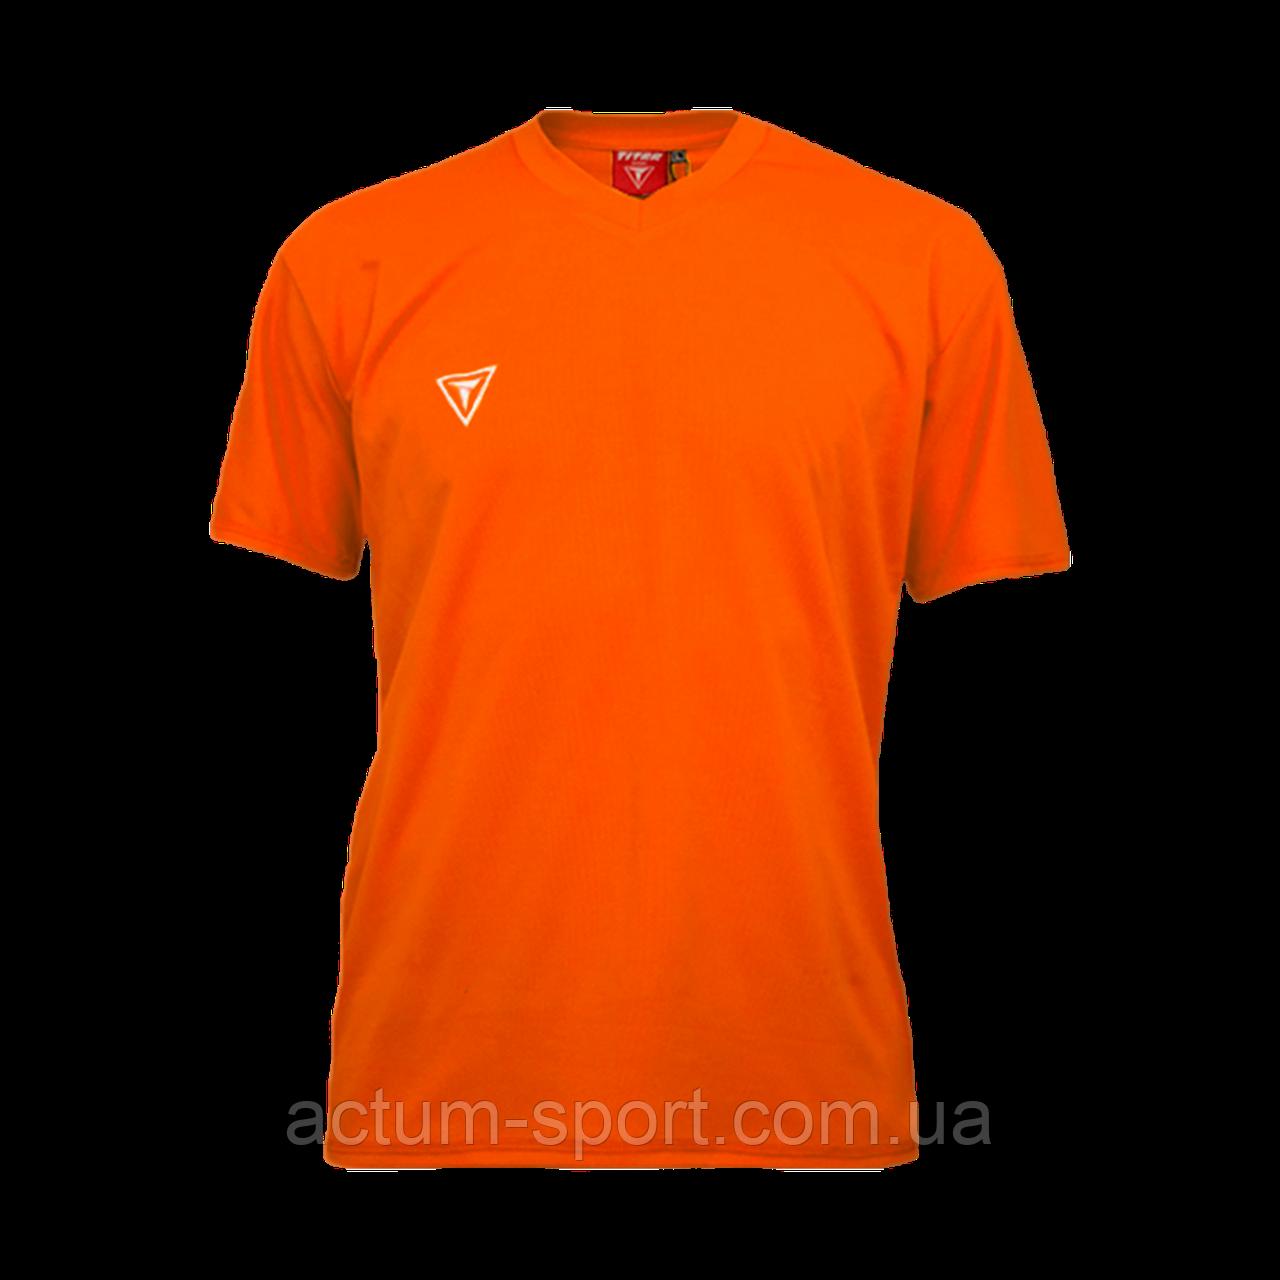 Футболка игровая Universal Titar Оранжевый, L